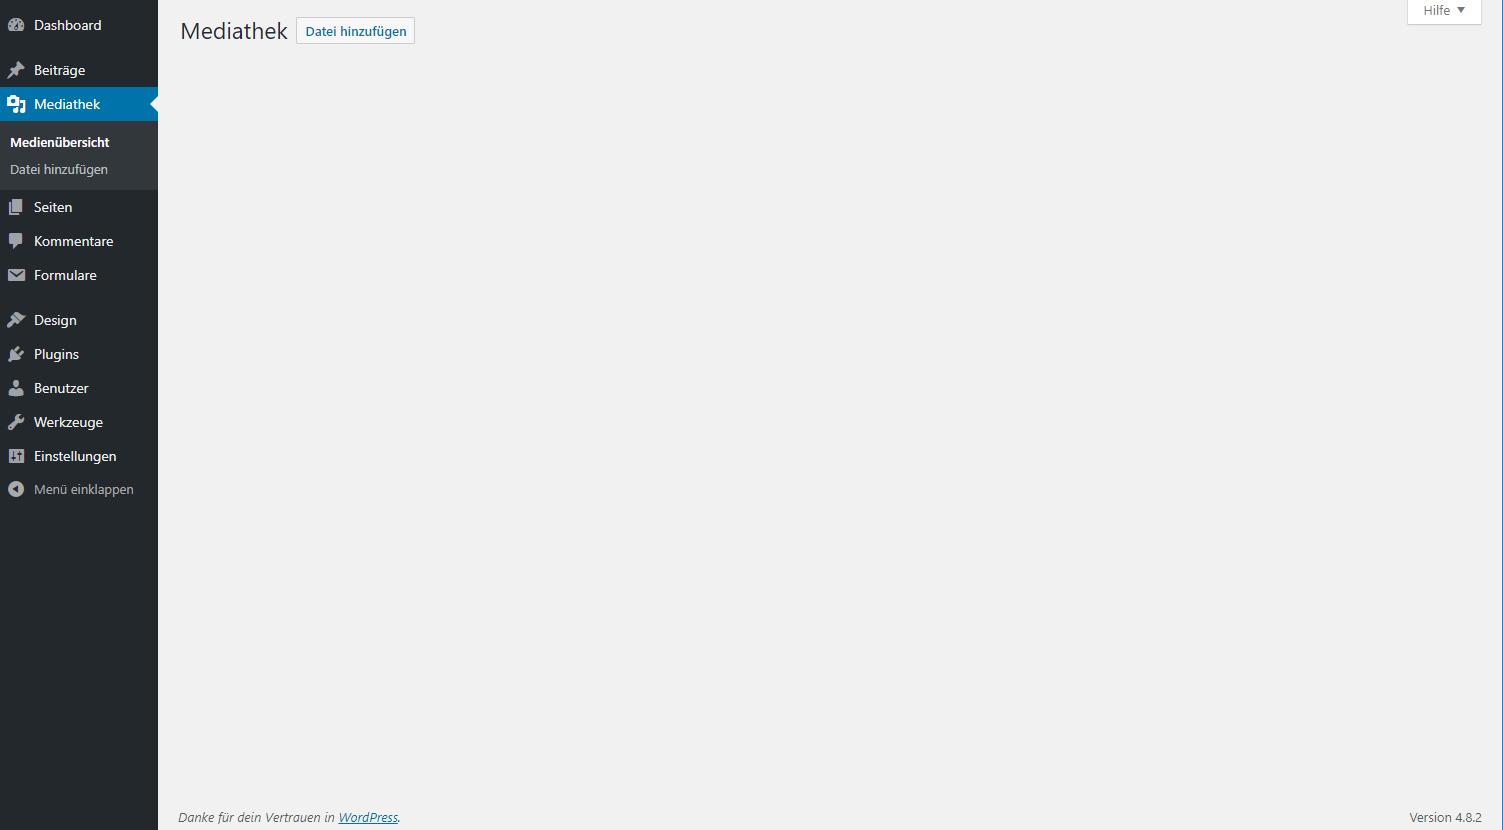 WordPress-Mediathek bleibt leer und zeigt keine Dateien an.